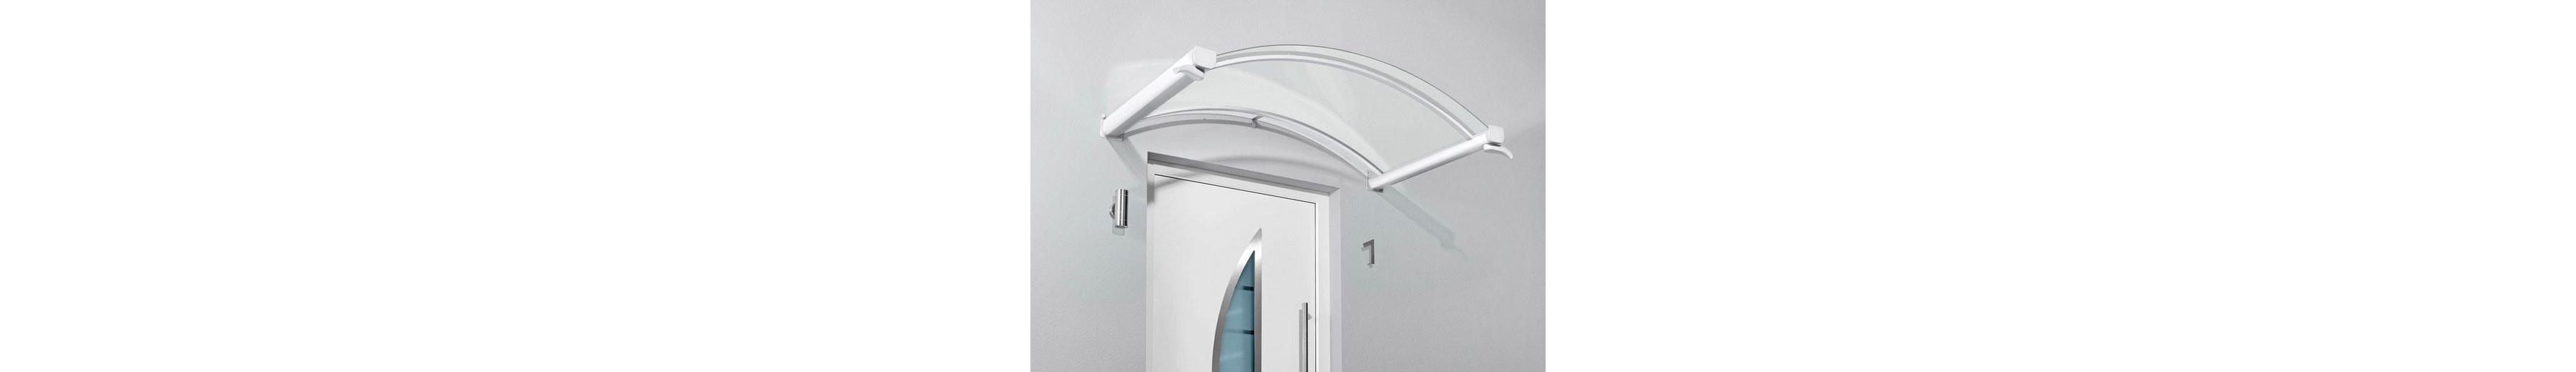 Bogenvordach »TYP BV/B«, 200x90x25 cm, weiß-transparent